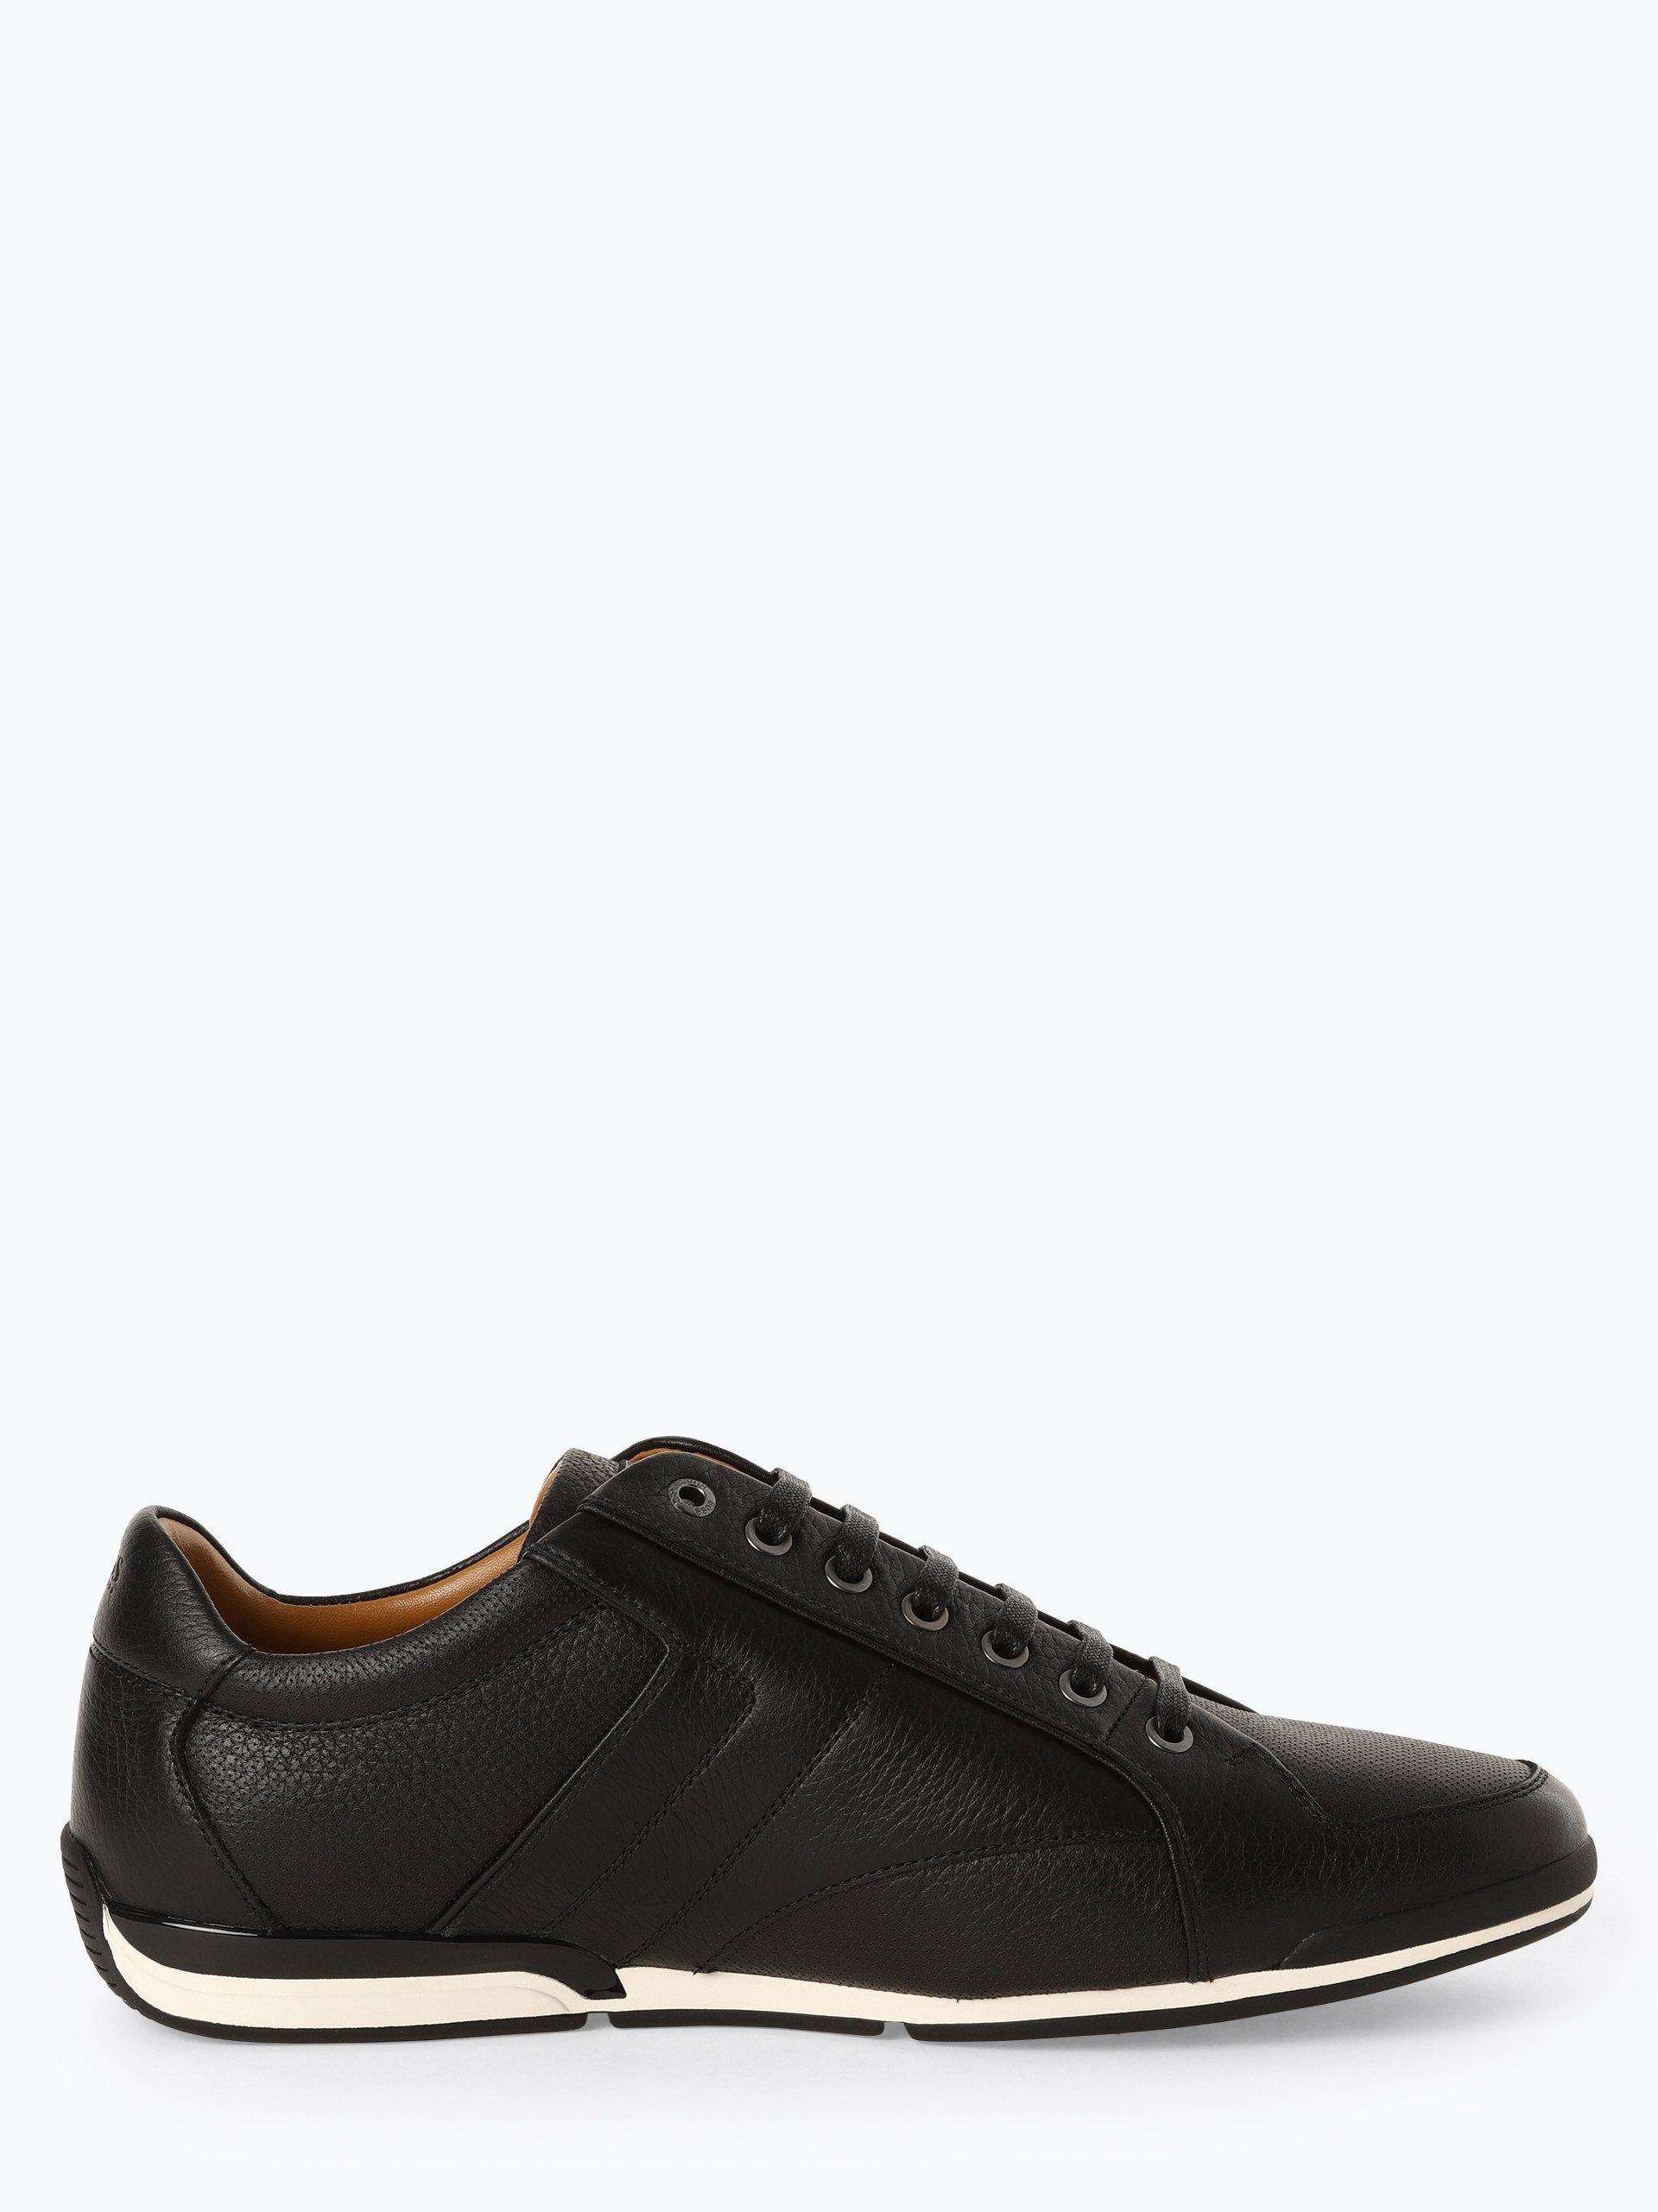 BOSS Athleisure Herren Sneaker aus Leder - Saturn_lowp_tbpf1